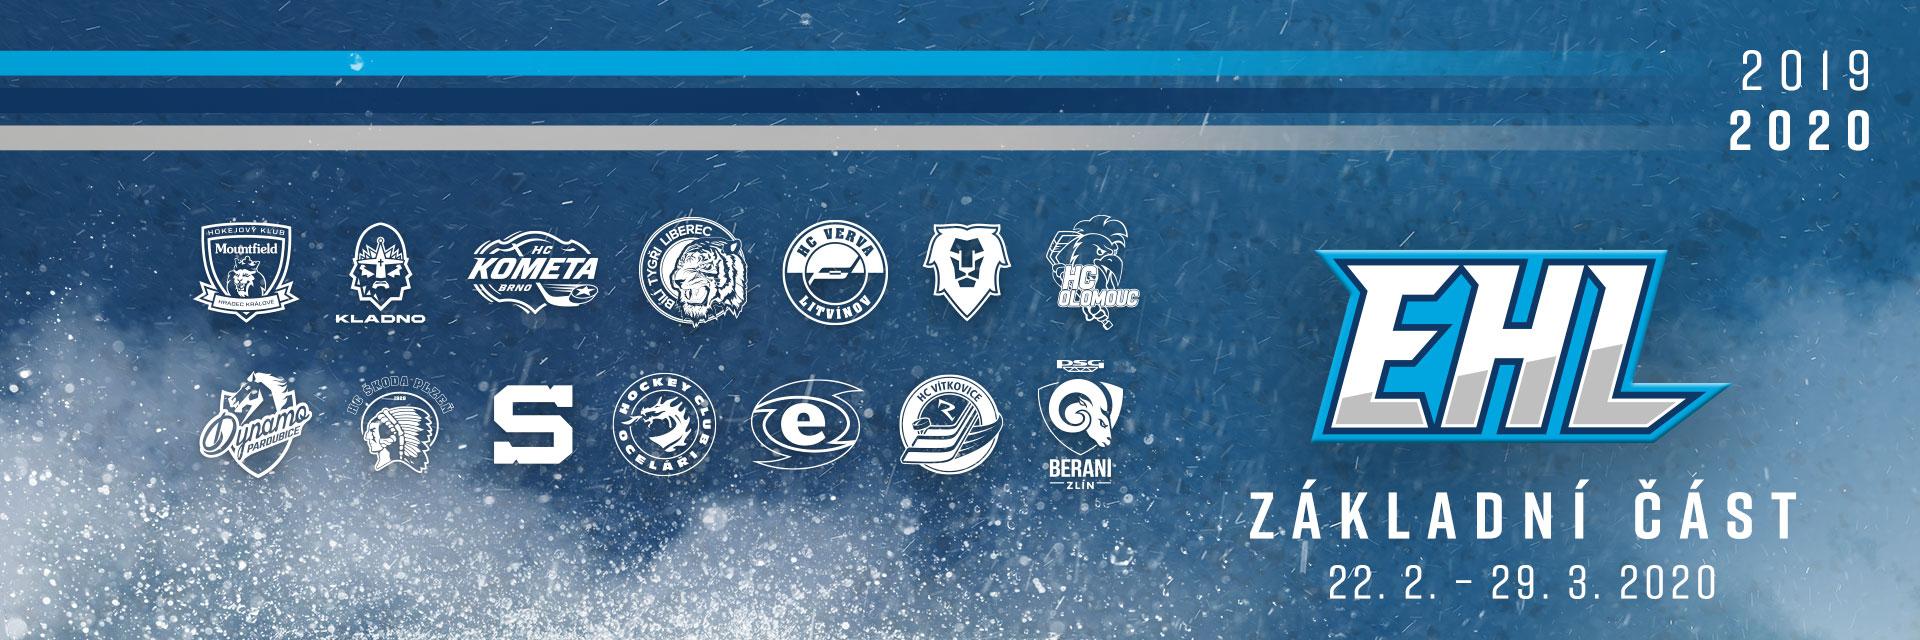 league-image